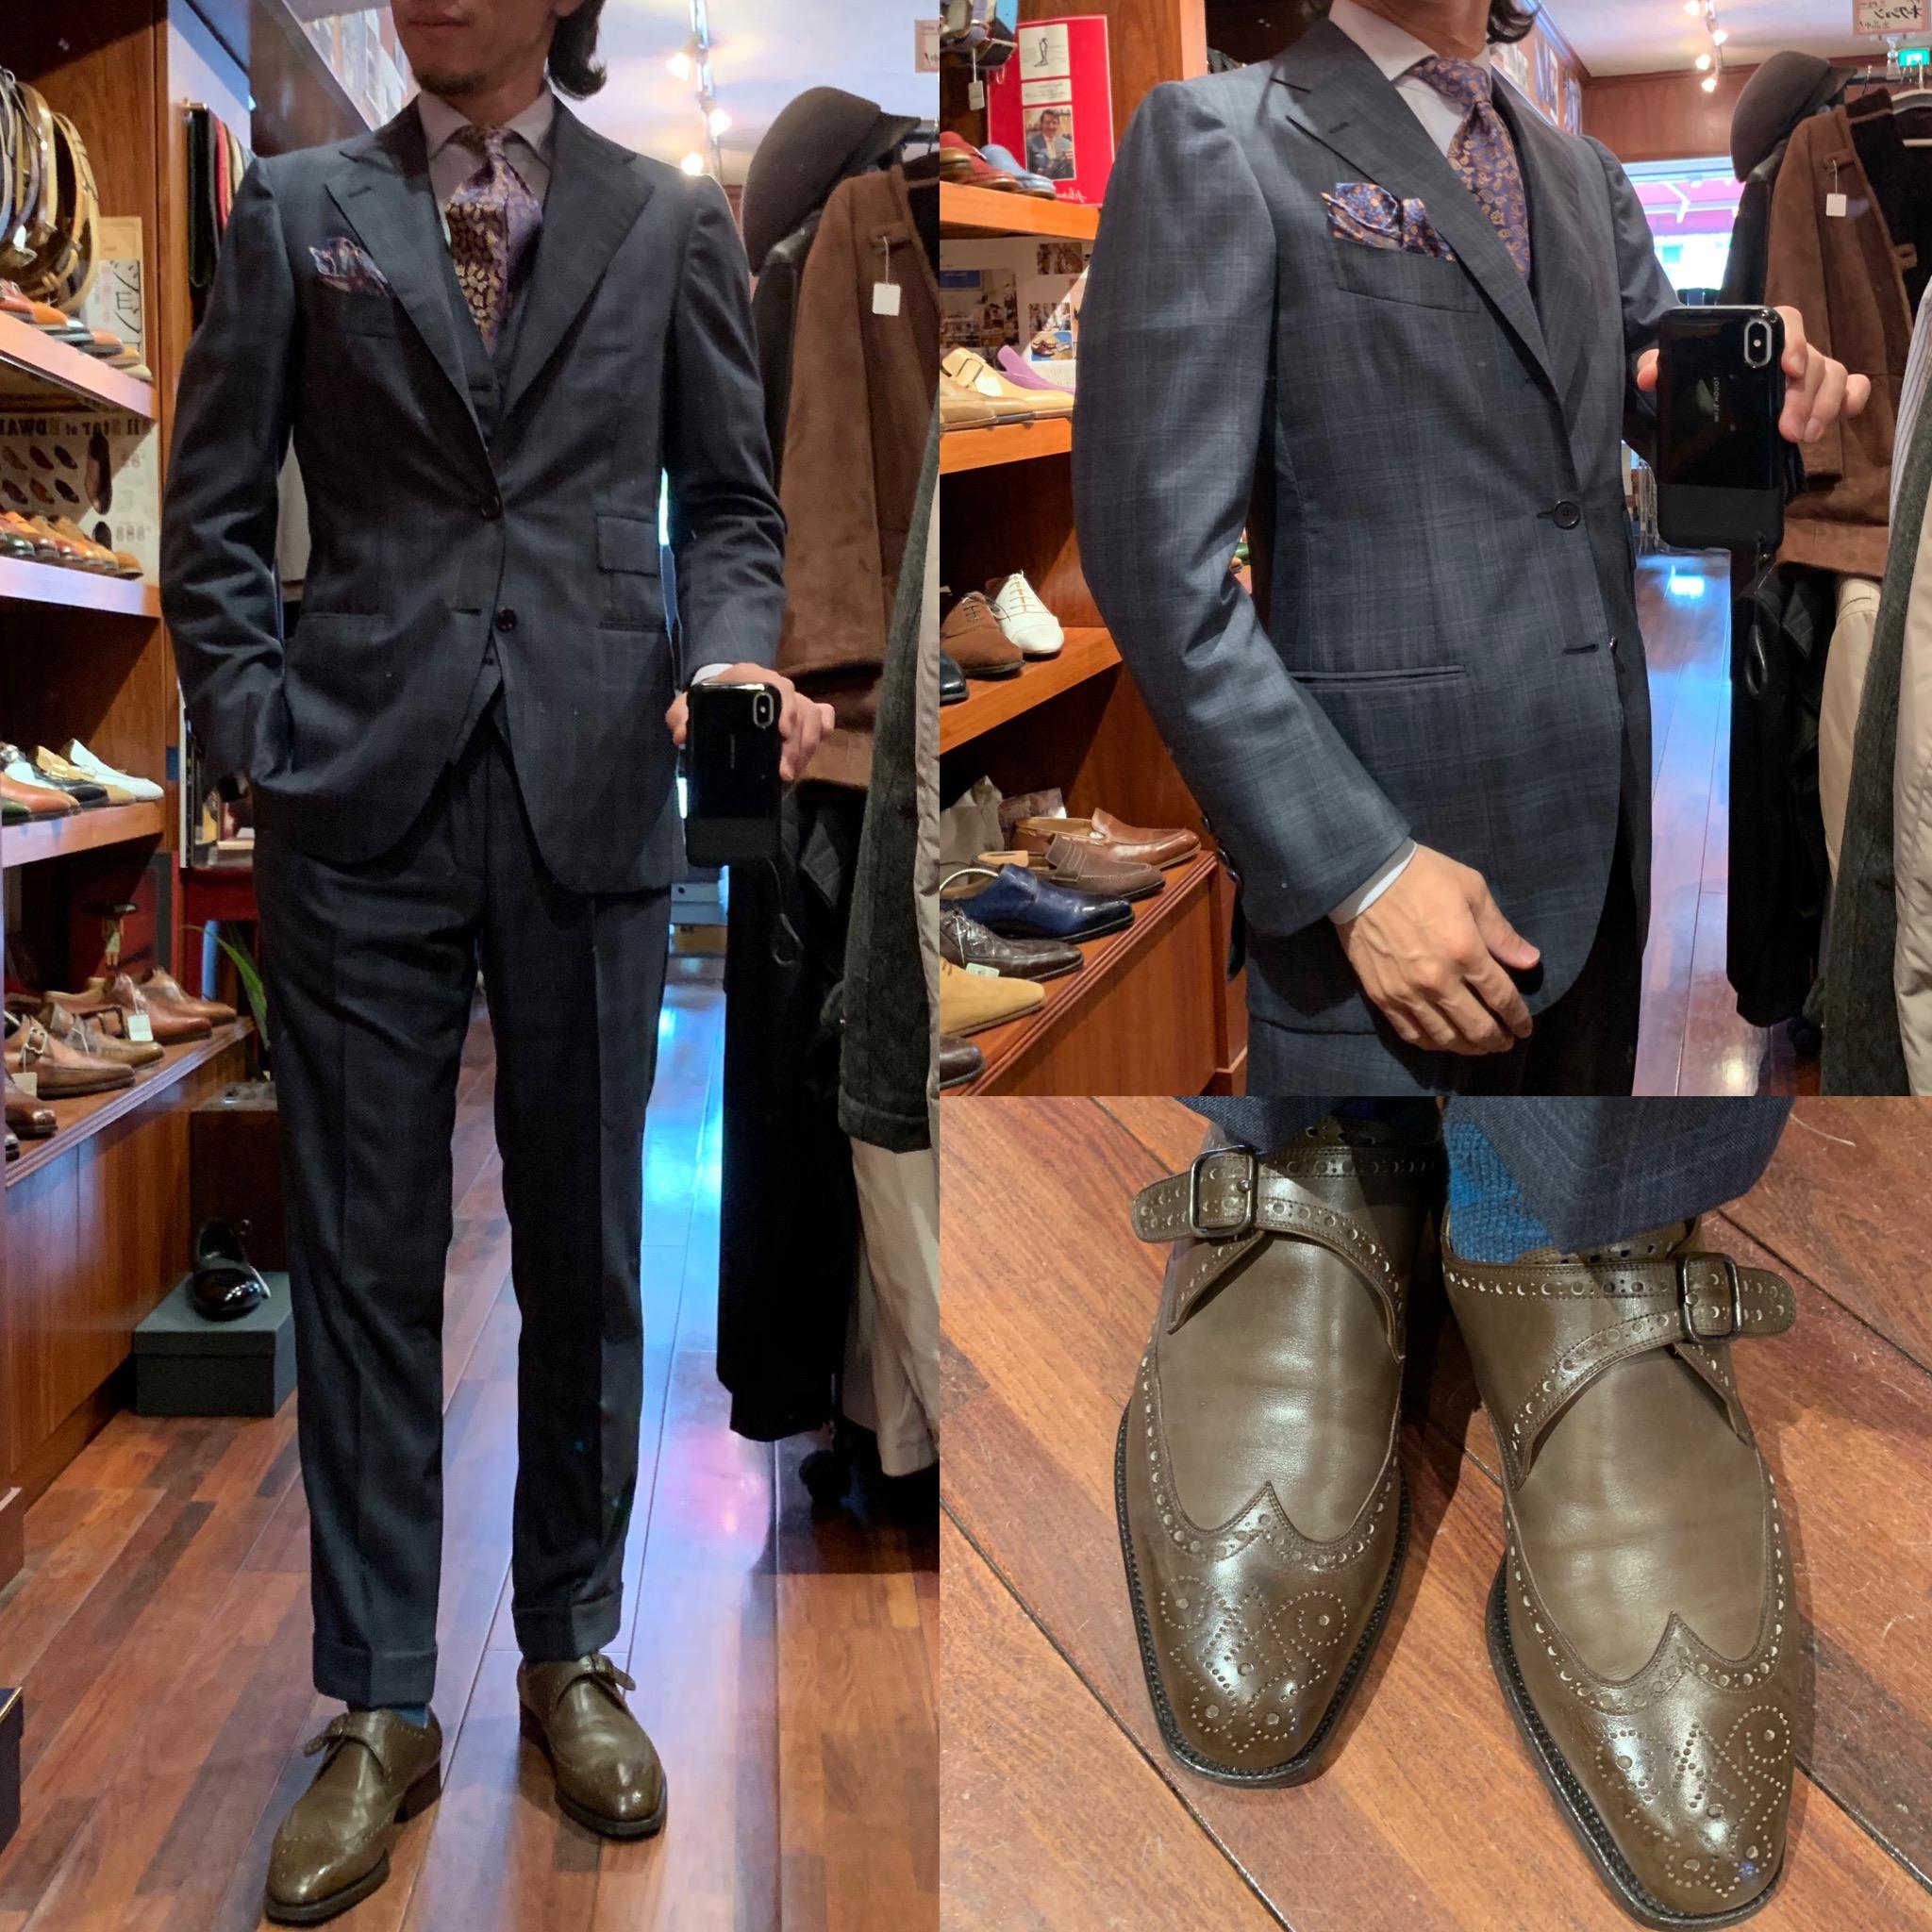 ◆世界最高のスーツを纏い自分を磨けば時は加速する◆